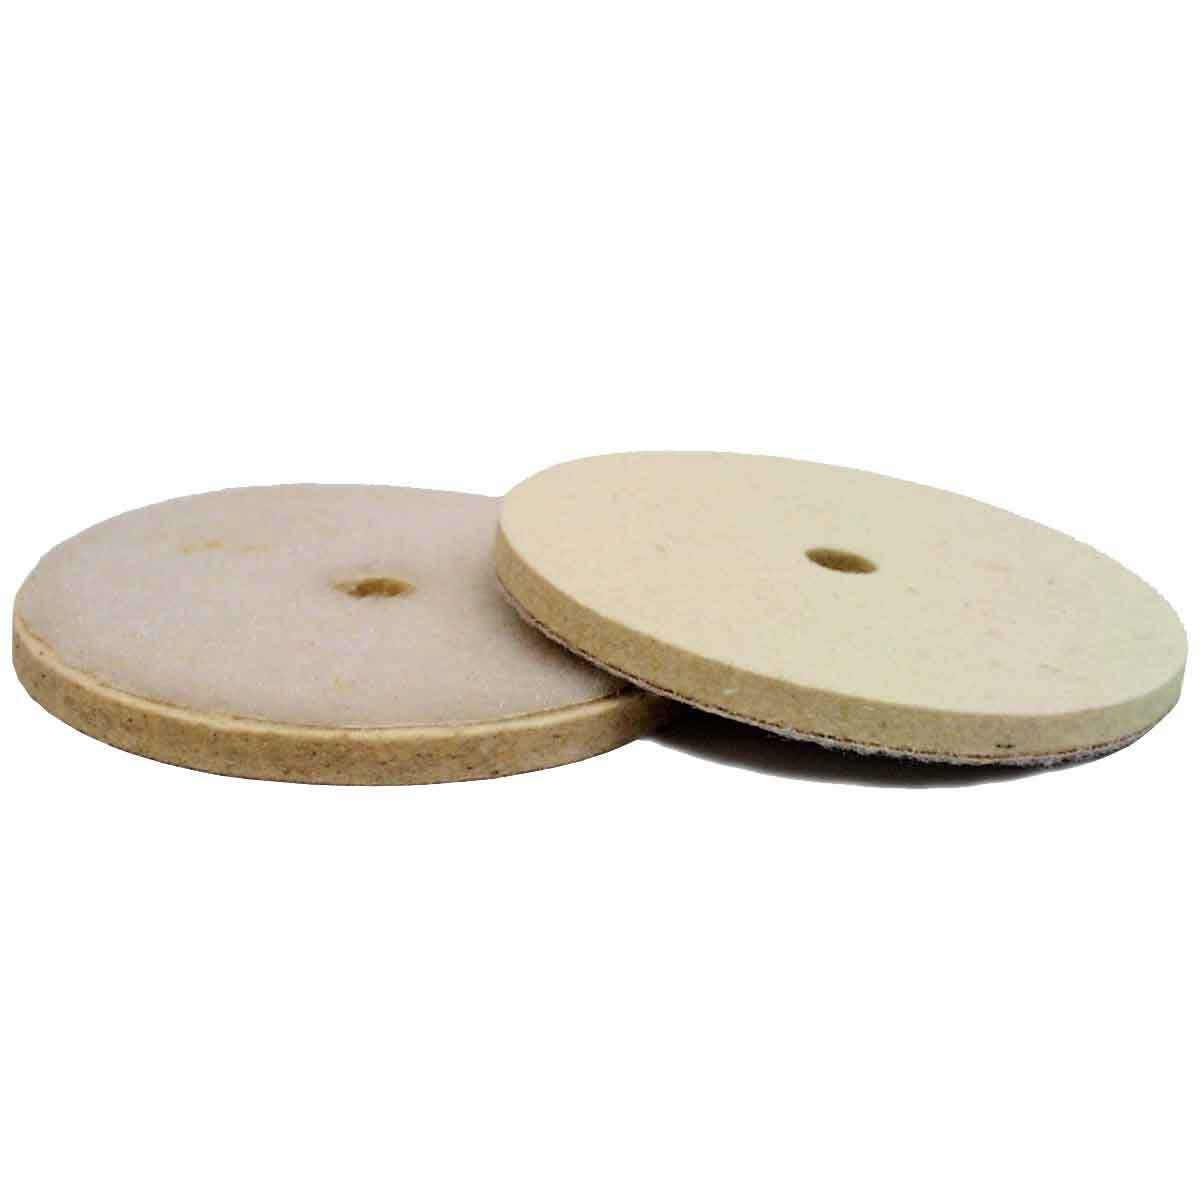 Alpha Felt Wheel for Polishing With Powder